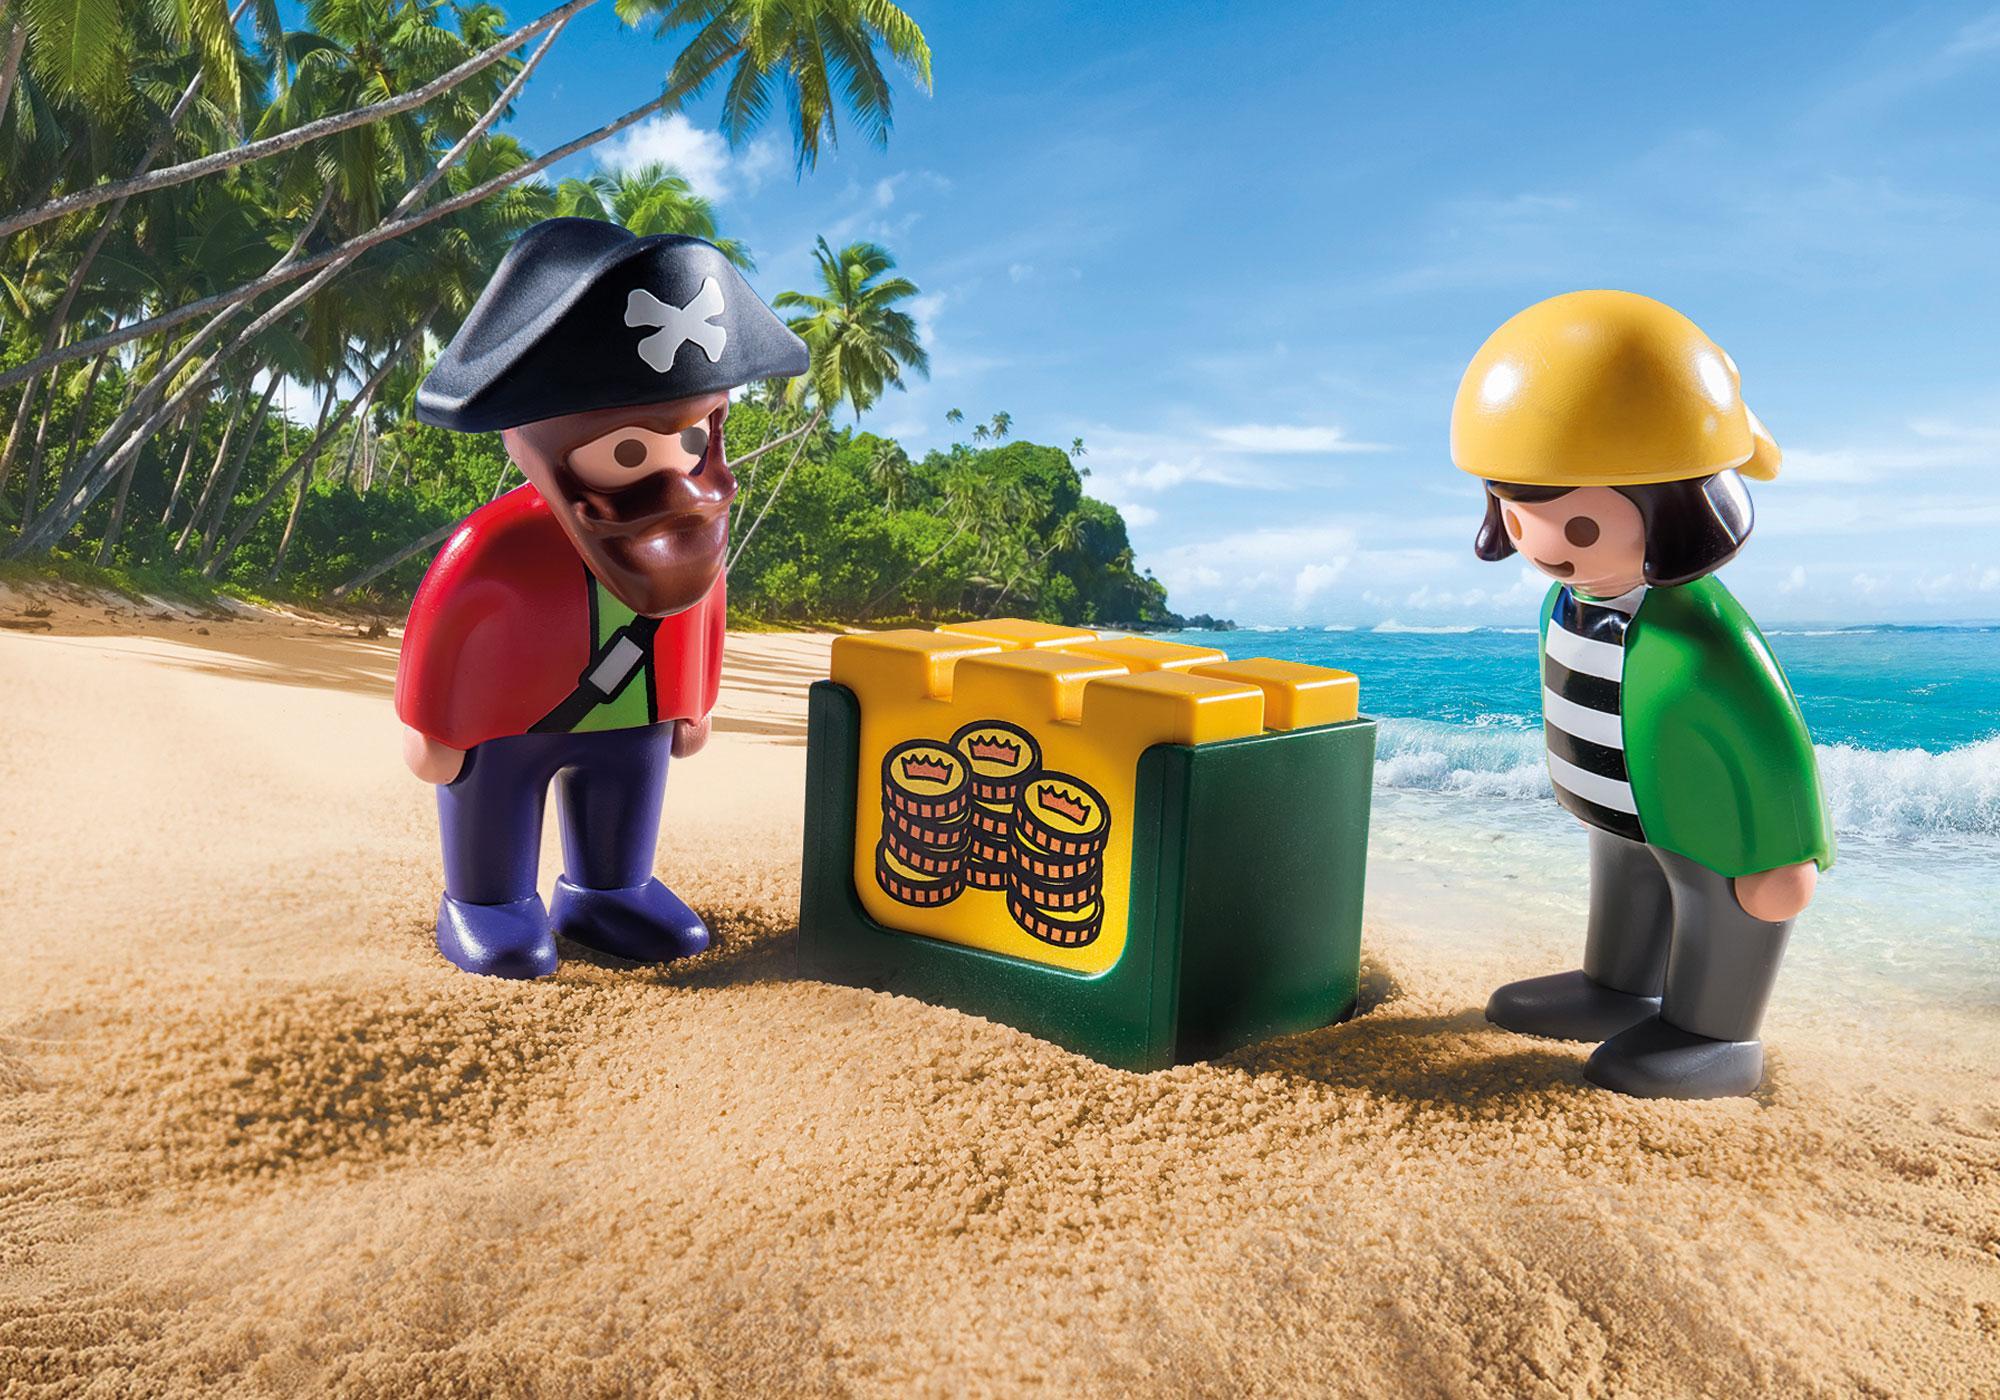 http://media.playmobil.com/i/playmobil/9118_product_extra1/Bâteau de pirates